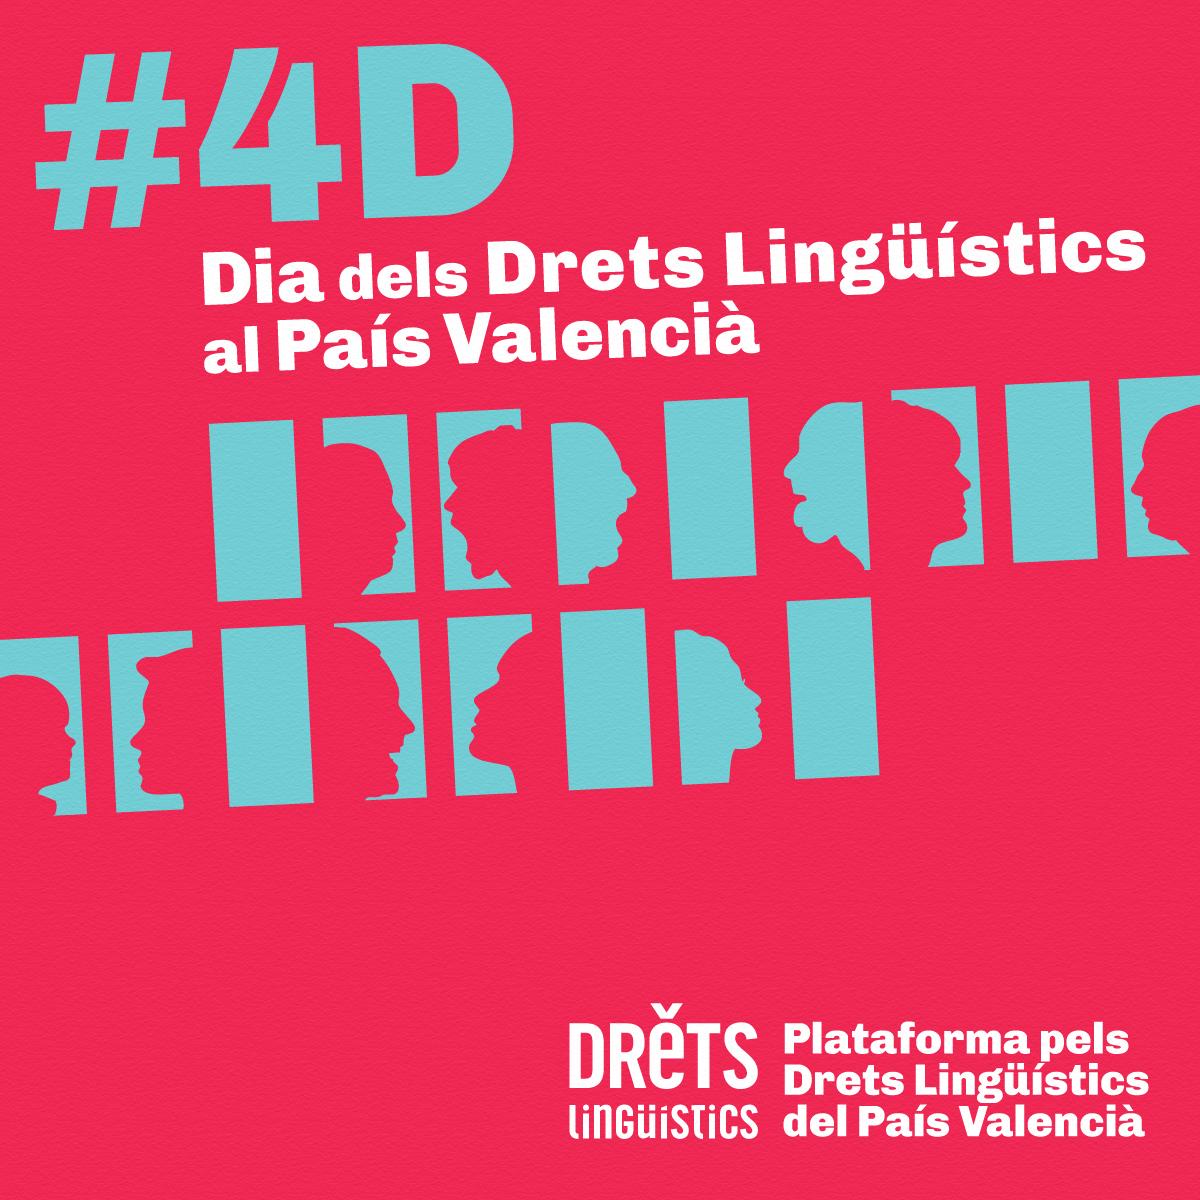 4 de desembre: Dia dels Drets Lingüístics al País Valencià. Manifest.